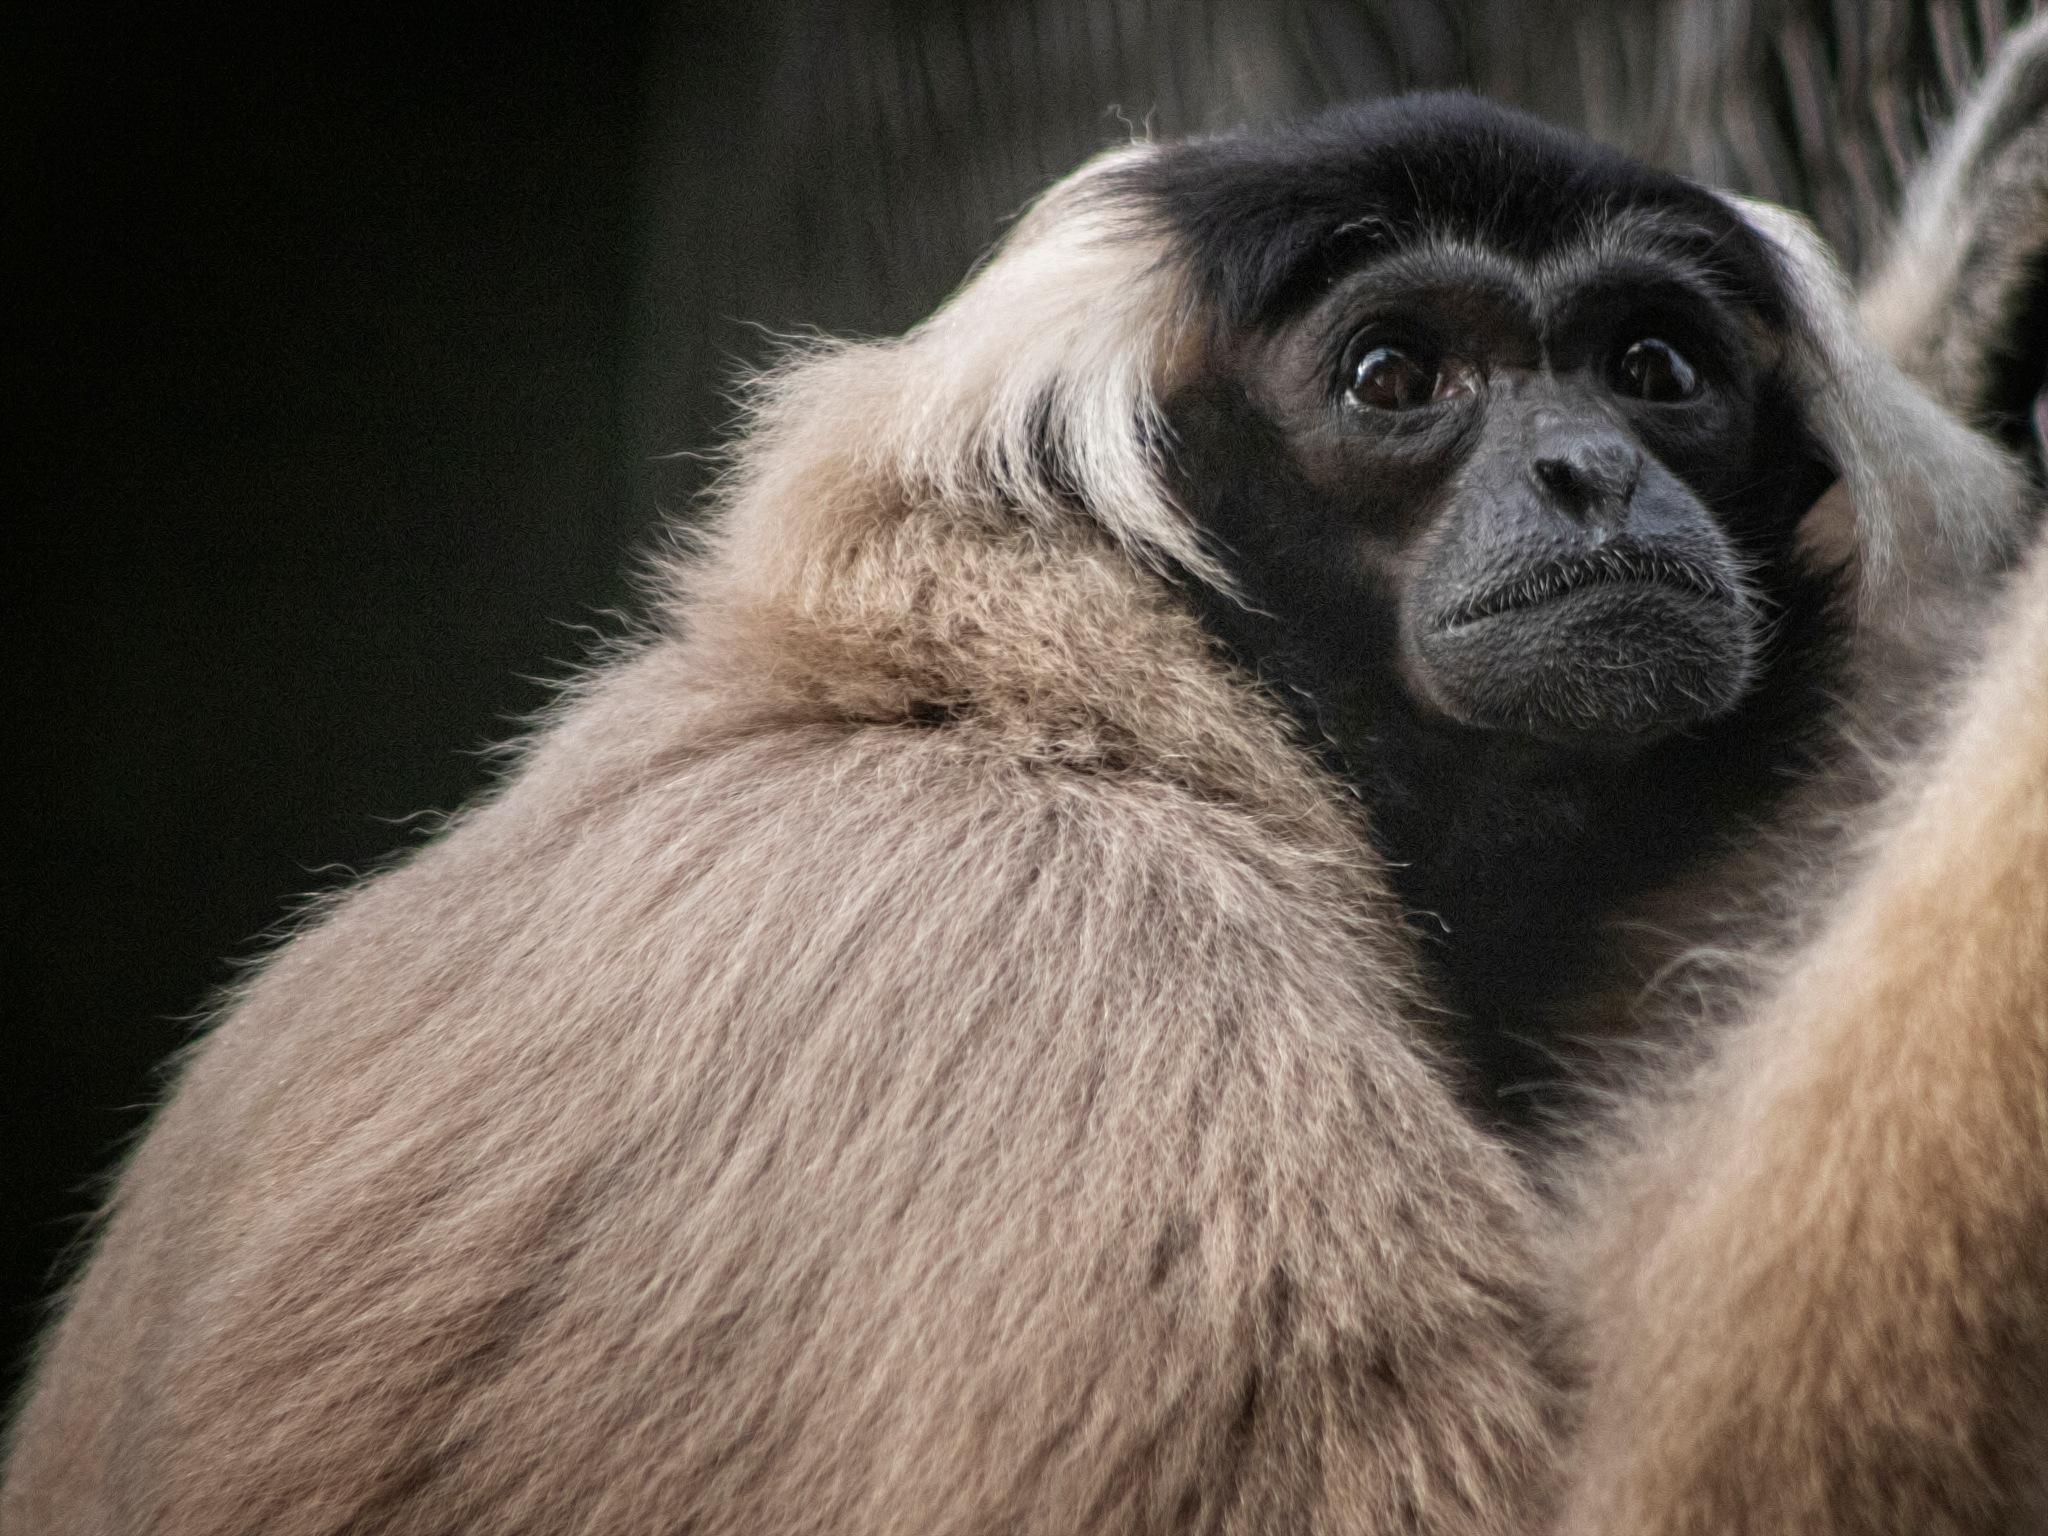 Gibbon by Henrik T. Sørensen